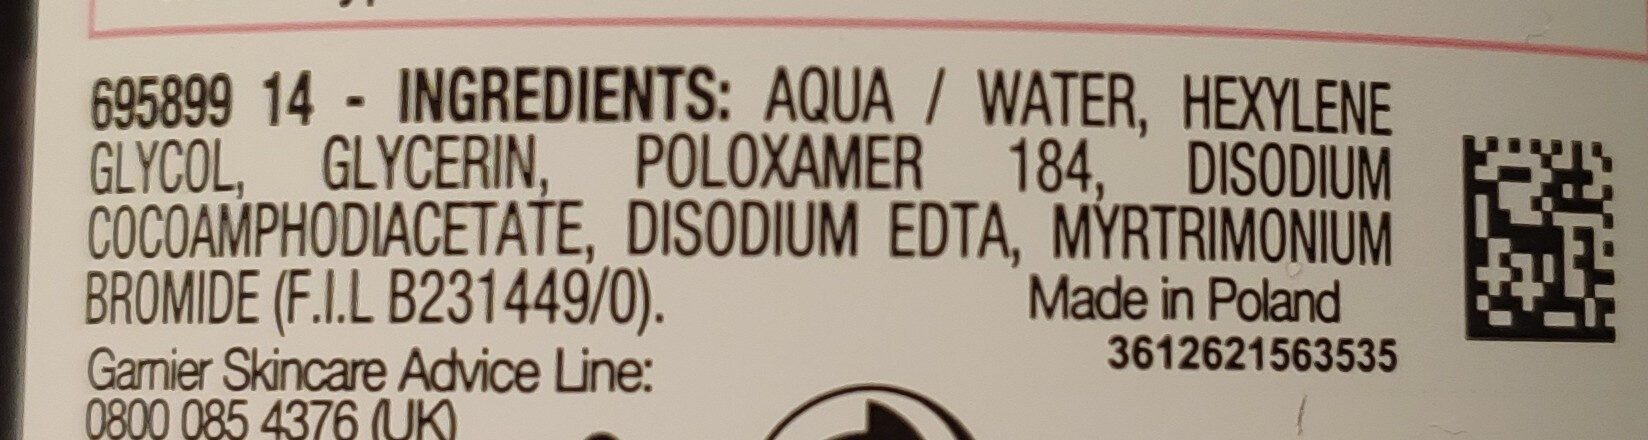 Micellar Cleansing Water - Ingrédients - en